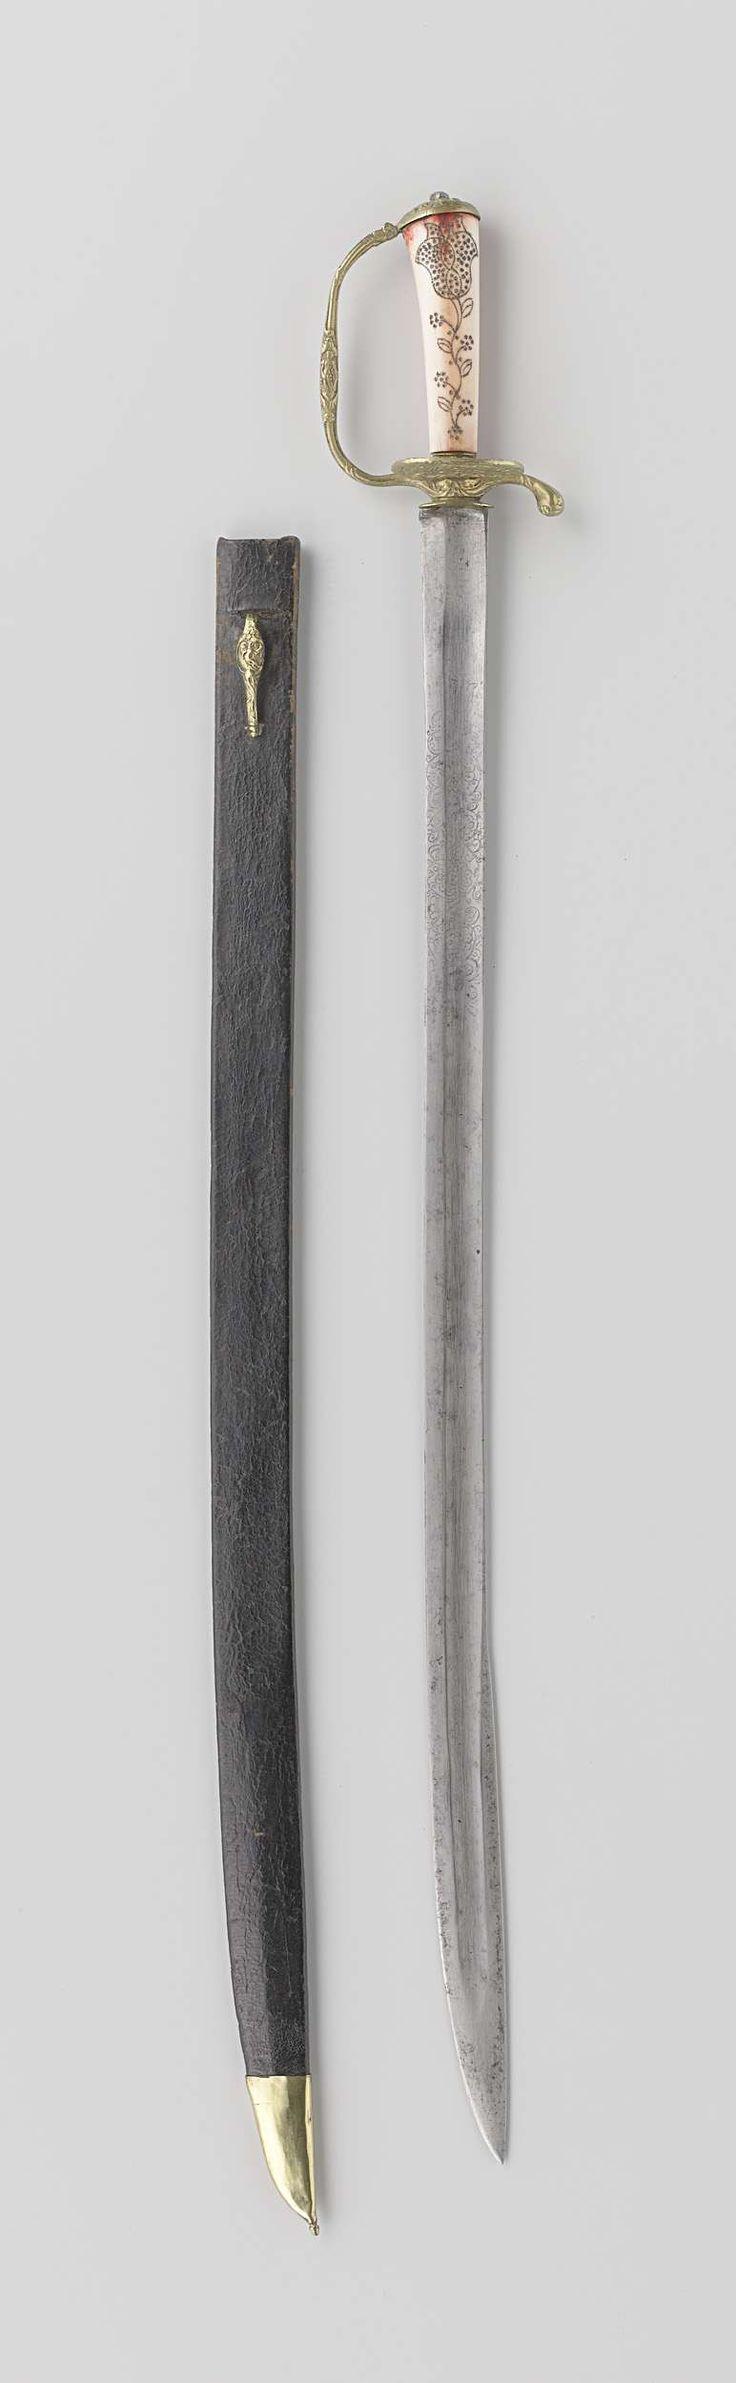 Houwer met schede volgens overlevering toebehoord hebbende aan M. A. de Ruyter, anoniem, ca. 1600 - ca. 1800